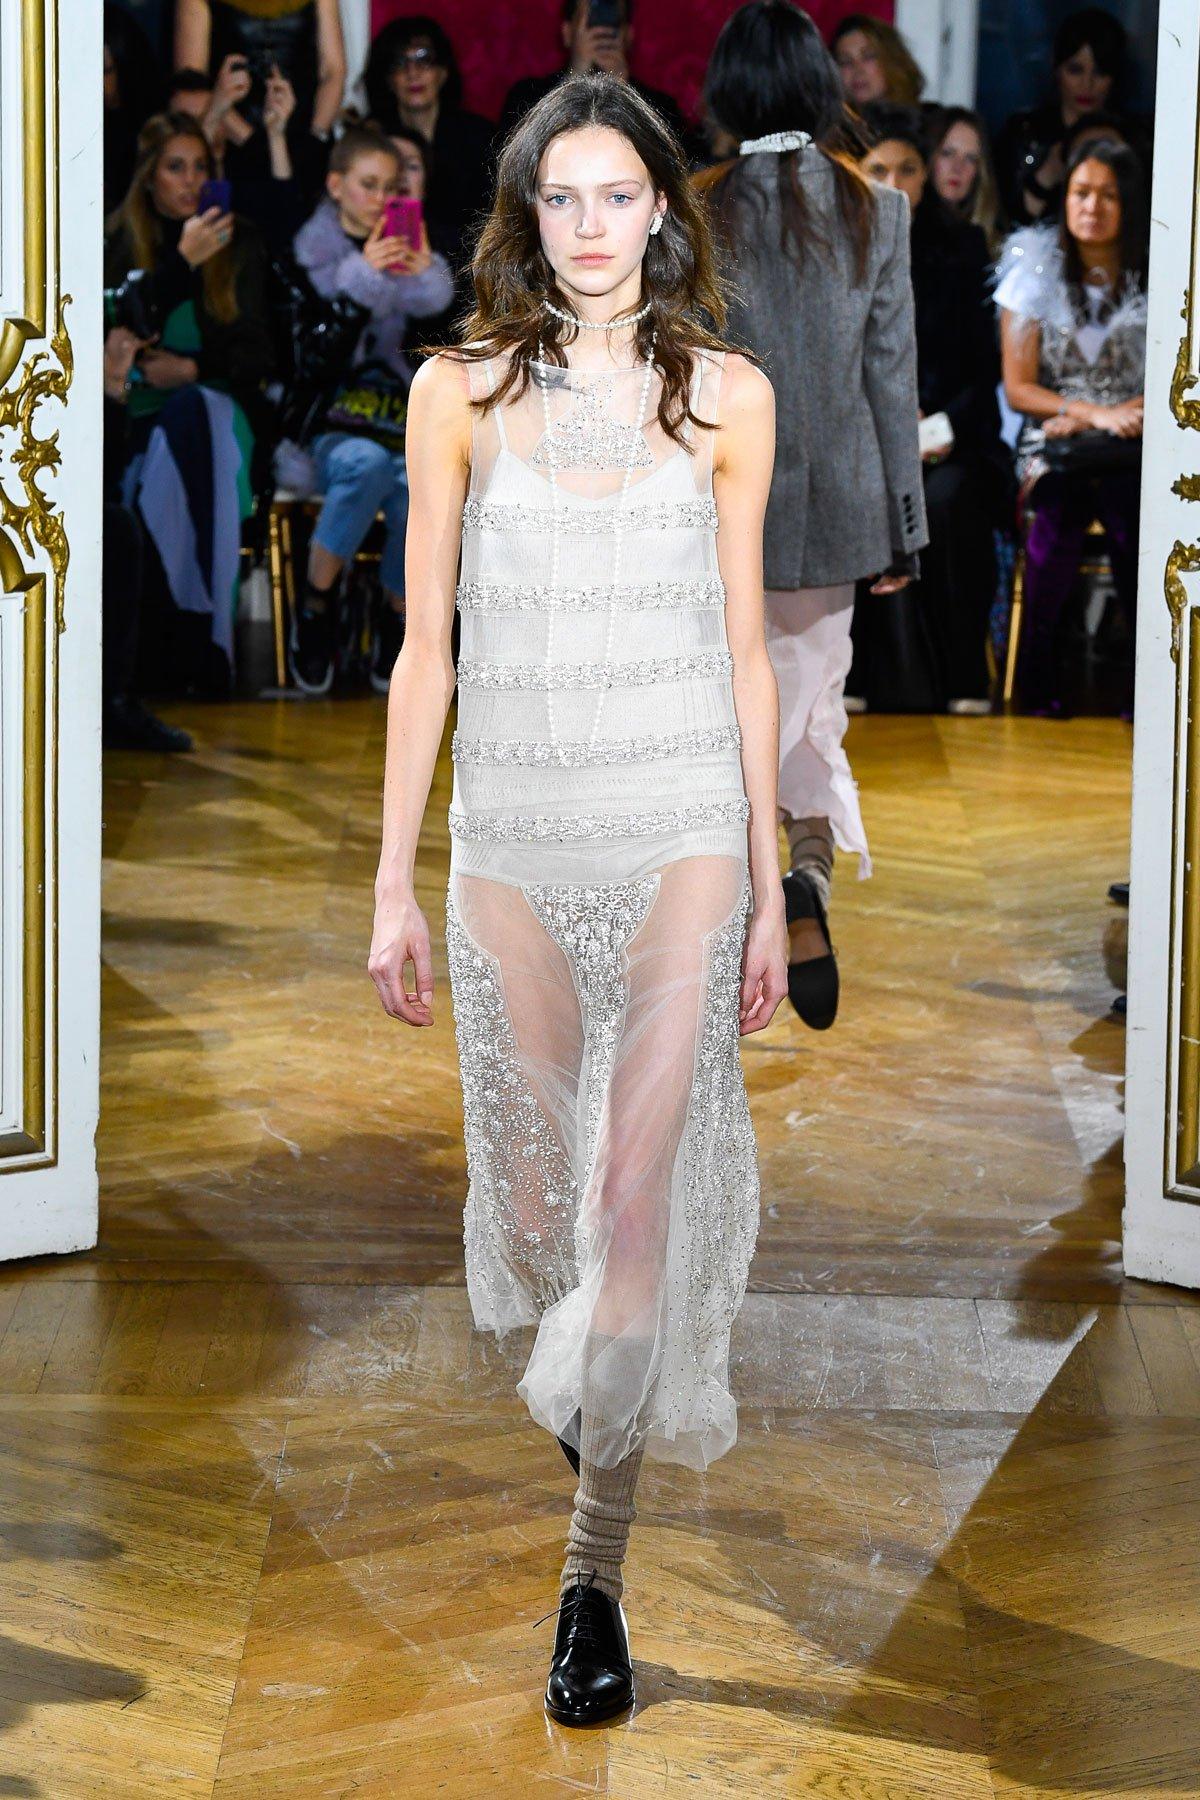 e570d1f1e عرض أزياء John Galliano لخريف 2018، خلال أسبوع الموضة في باريس. خريف 2018,  ربيع 2018